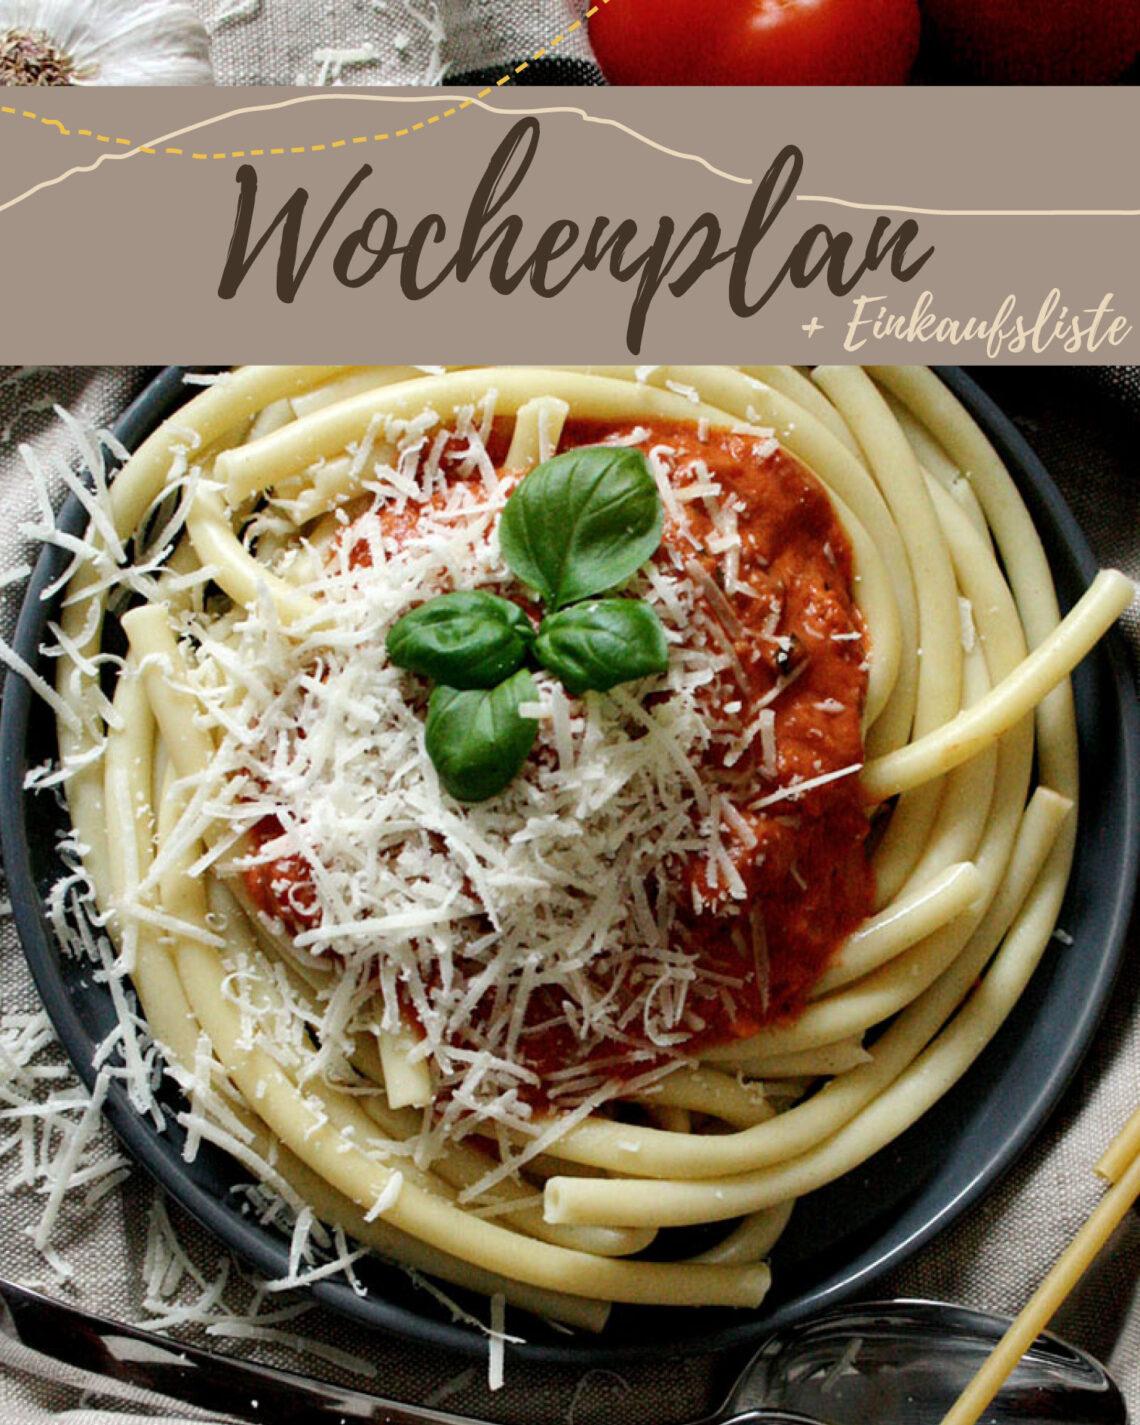 Kostenloser Wochenplan plus Einkaufsliste zum vegetarischen Wochenplan KW 8